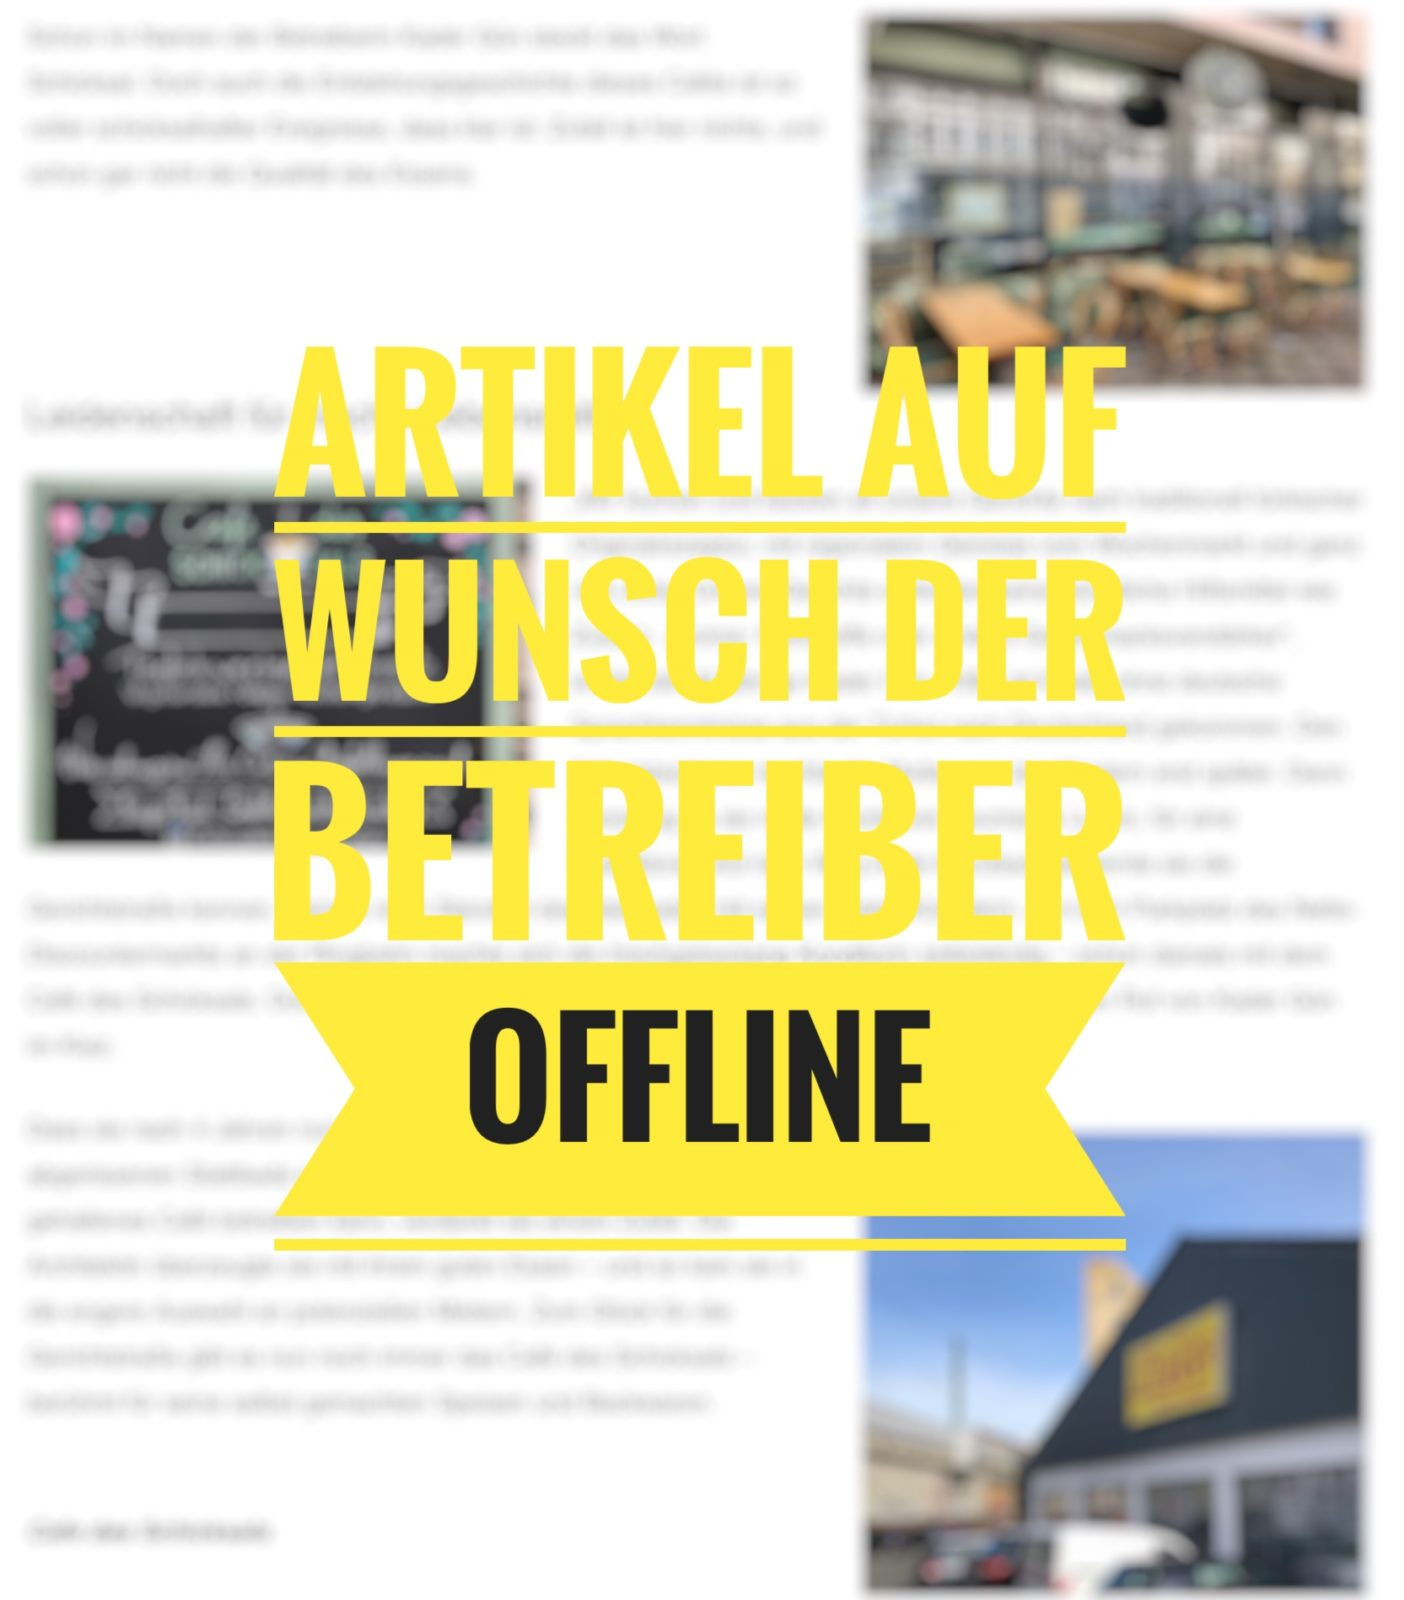 Artikel auf Wunsch der Betreiber offline - Café des Schicksals